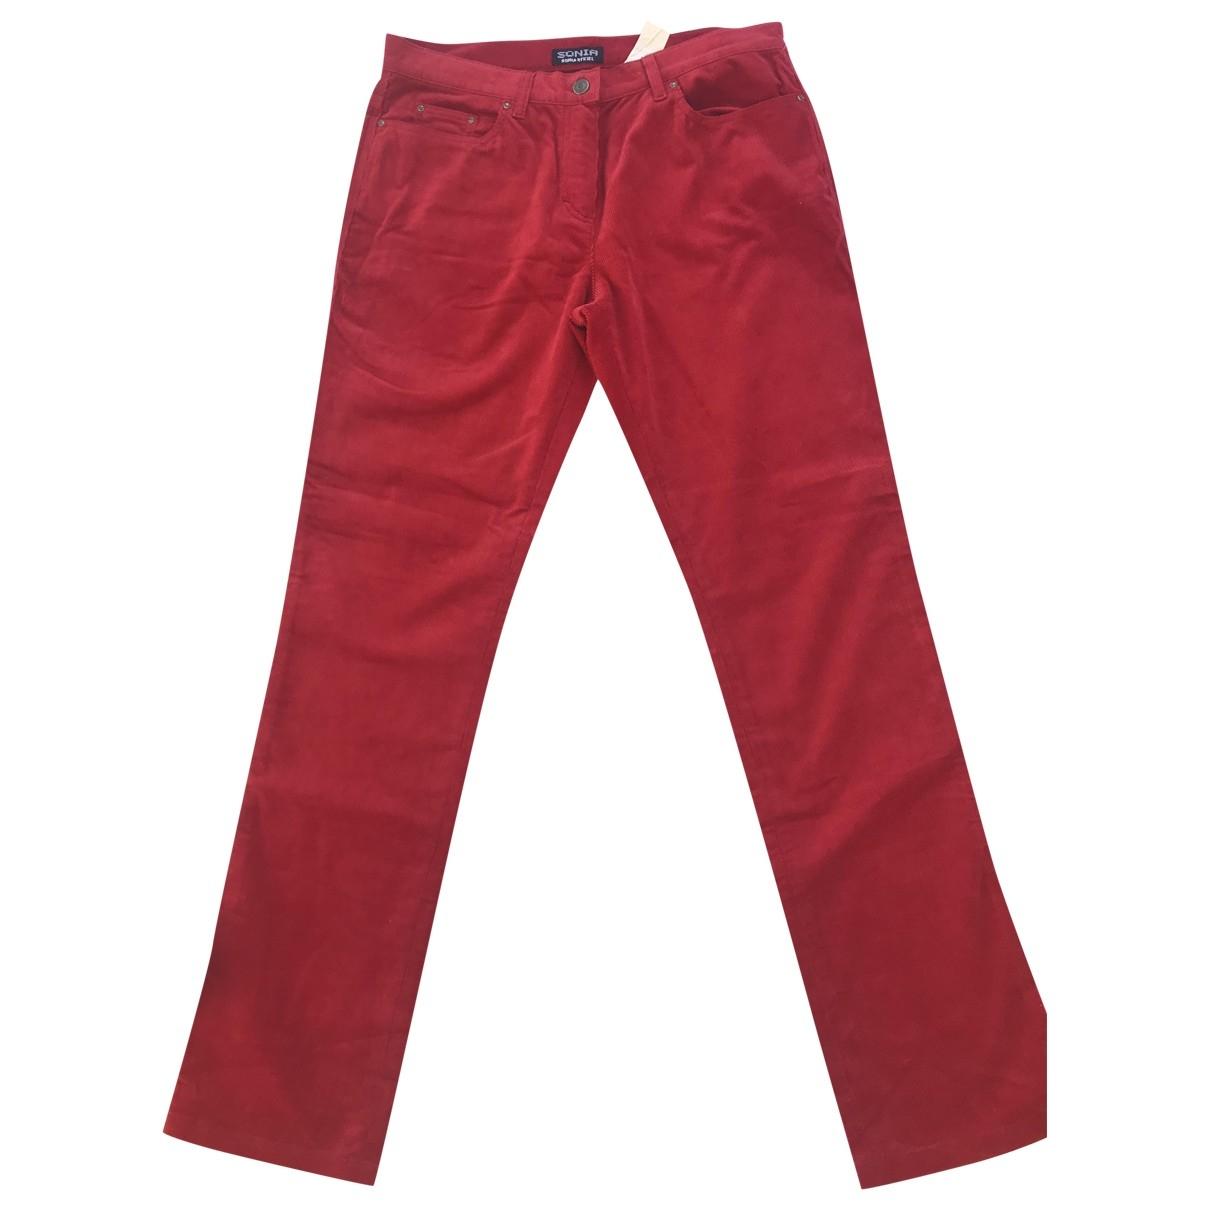 Sonia By Sonia Rykiel \N Red Velvet Trousers for Women 44 FR